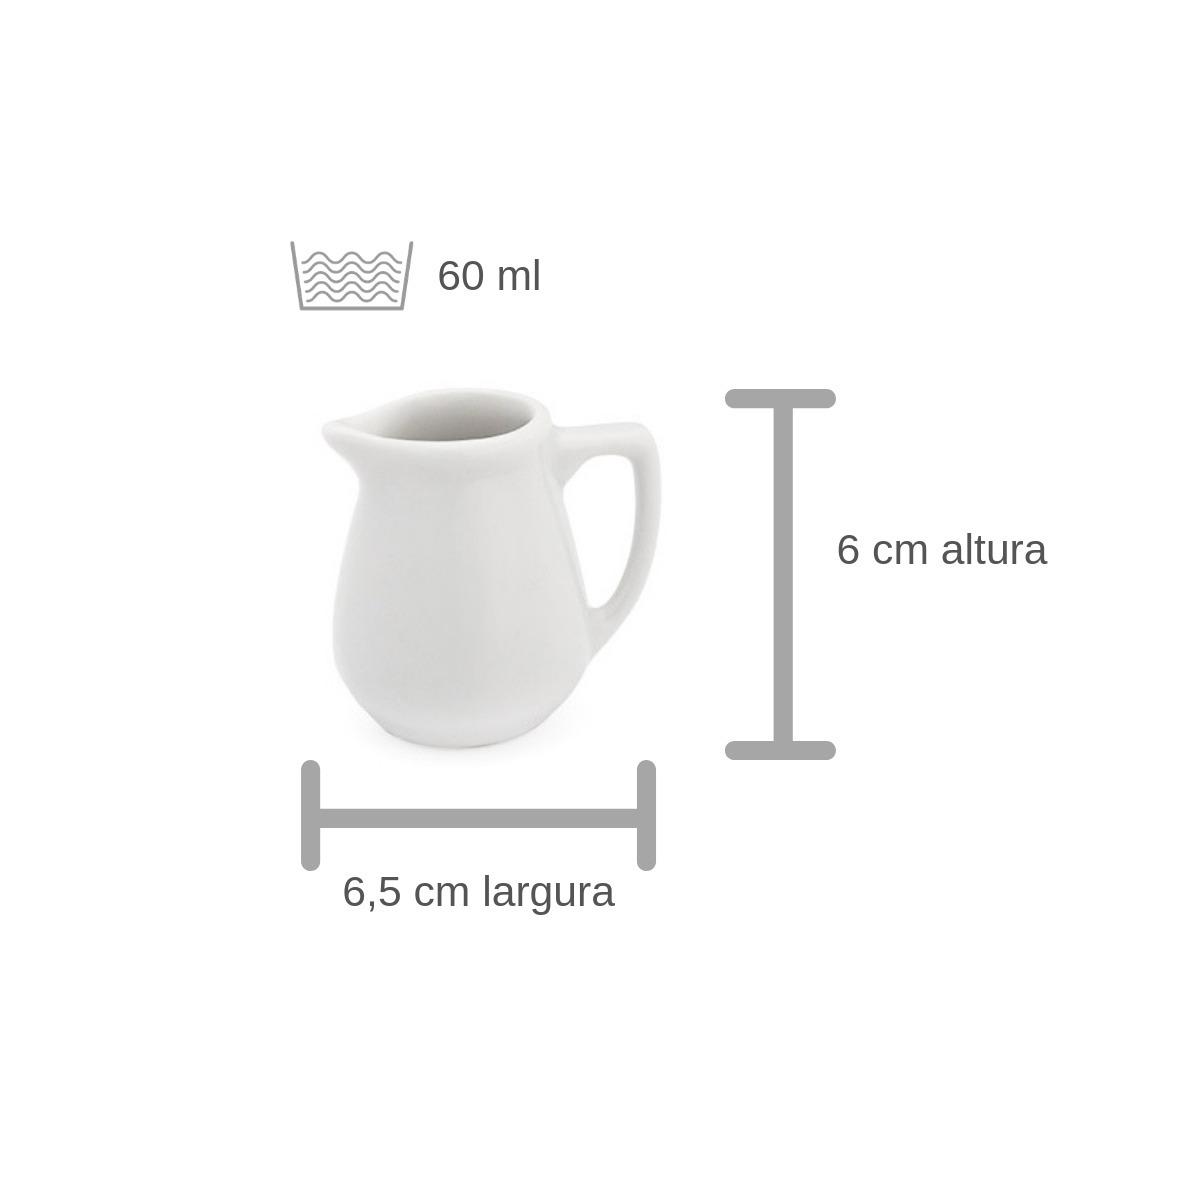 Leiteira De Porcelana 60 Ml - Geni Ref 1604/7  - LZ COZINHA